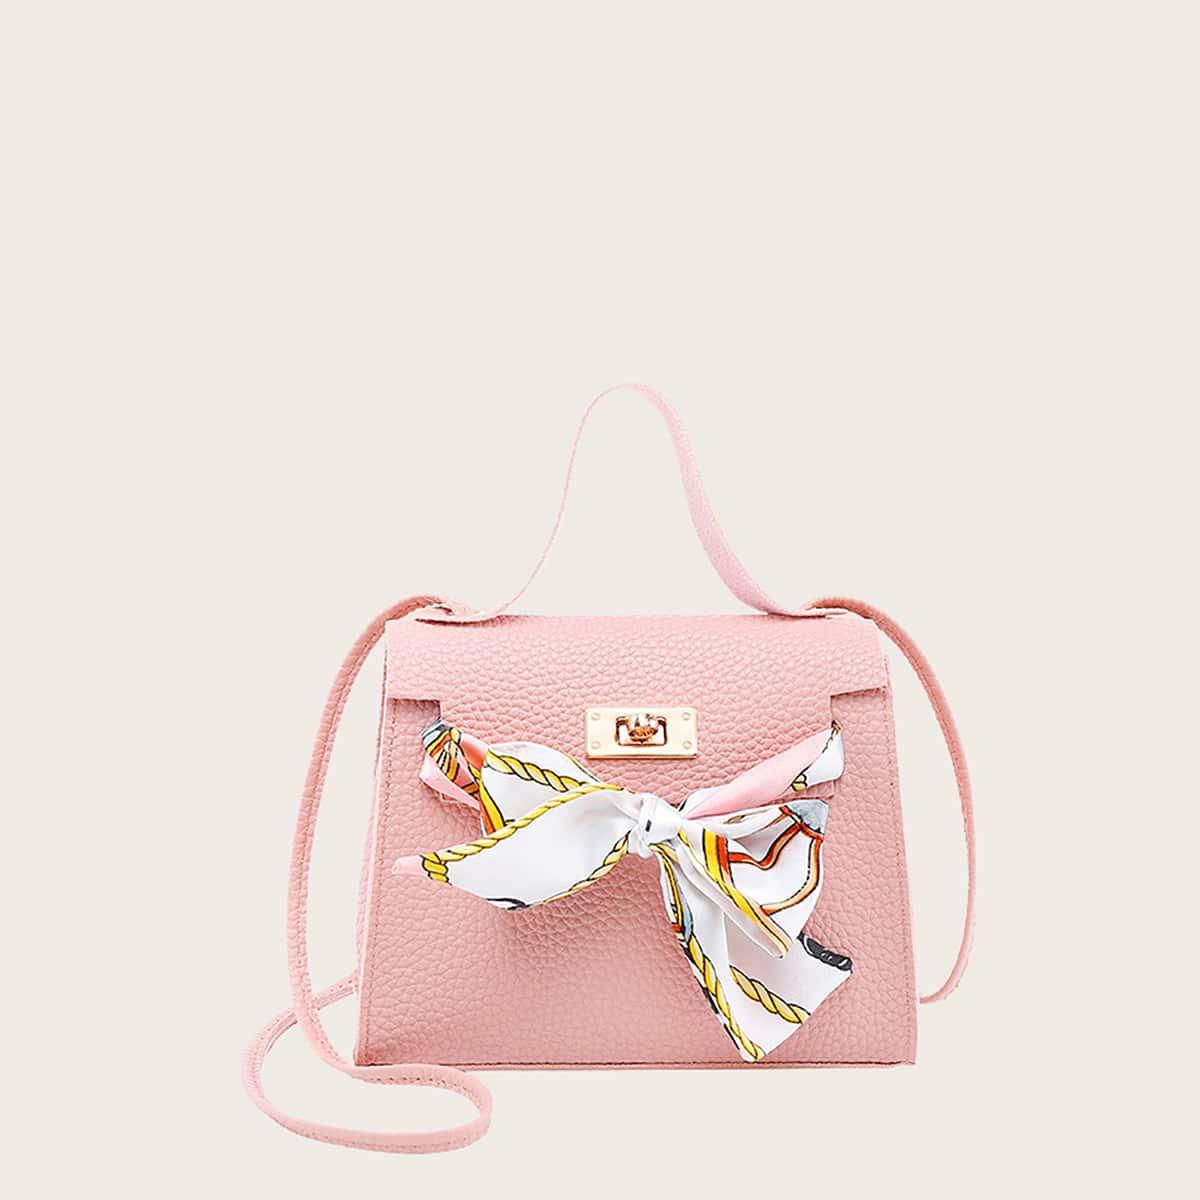 Twilly Satchel Bag voor meisjes